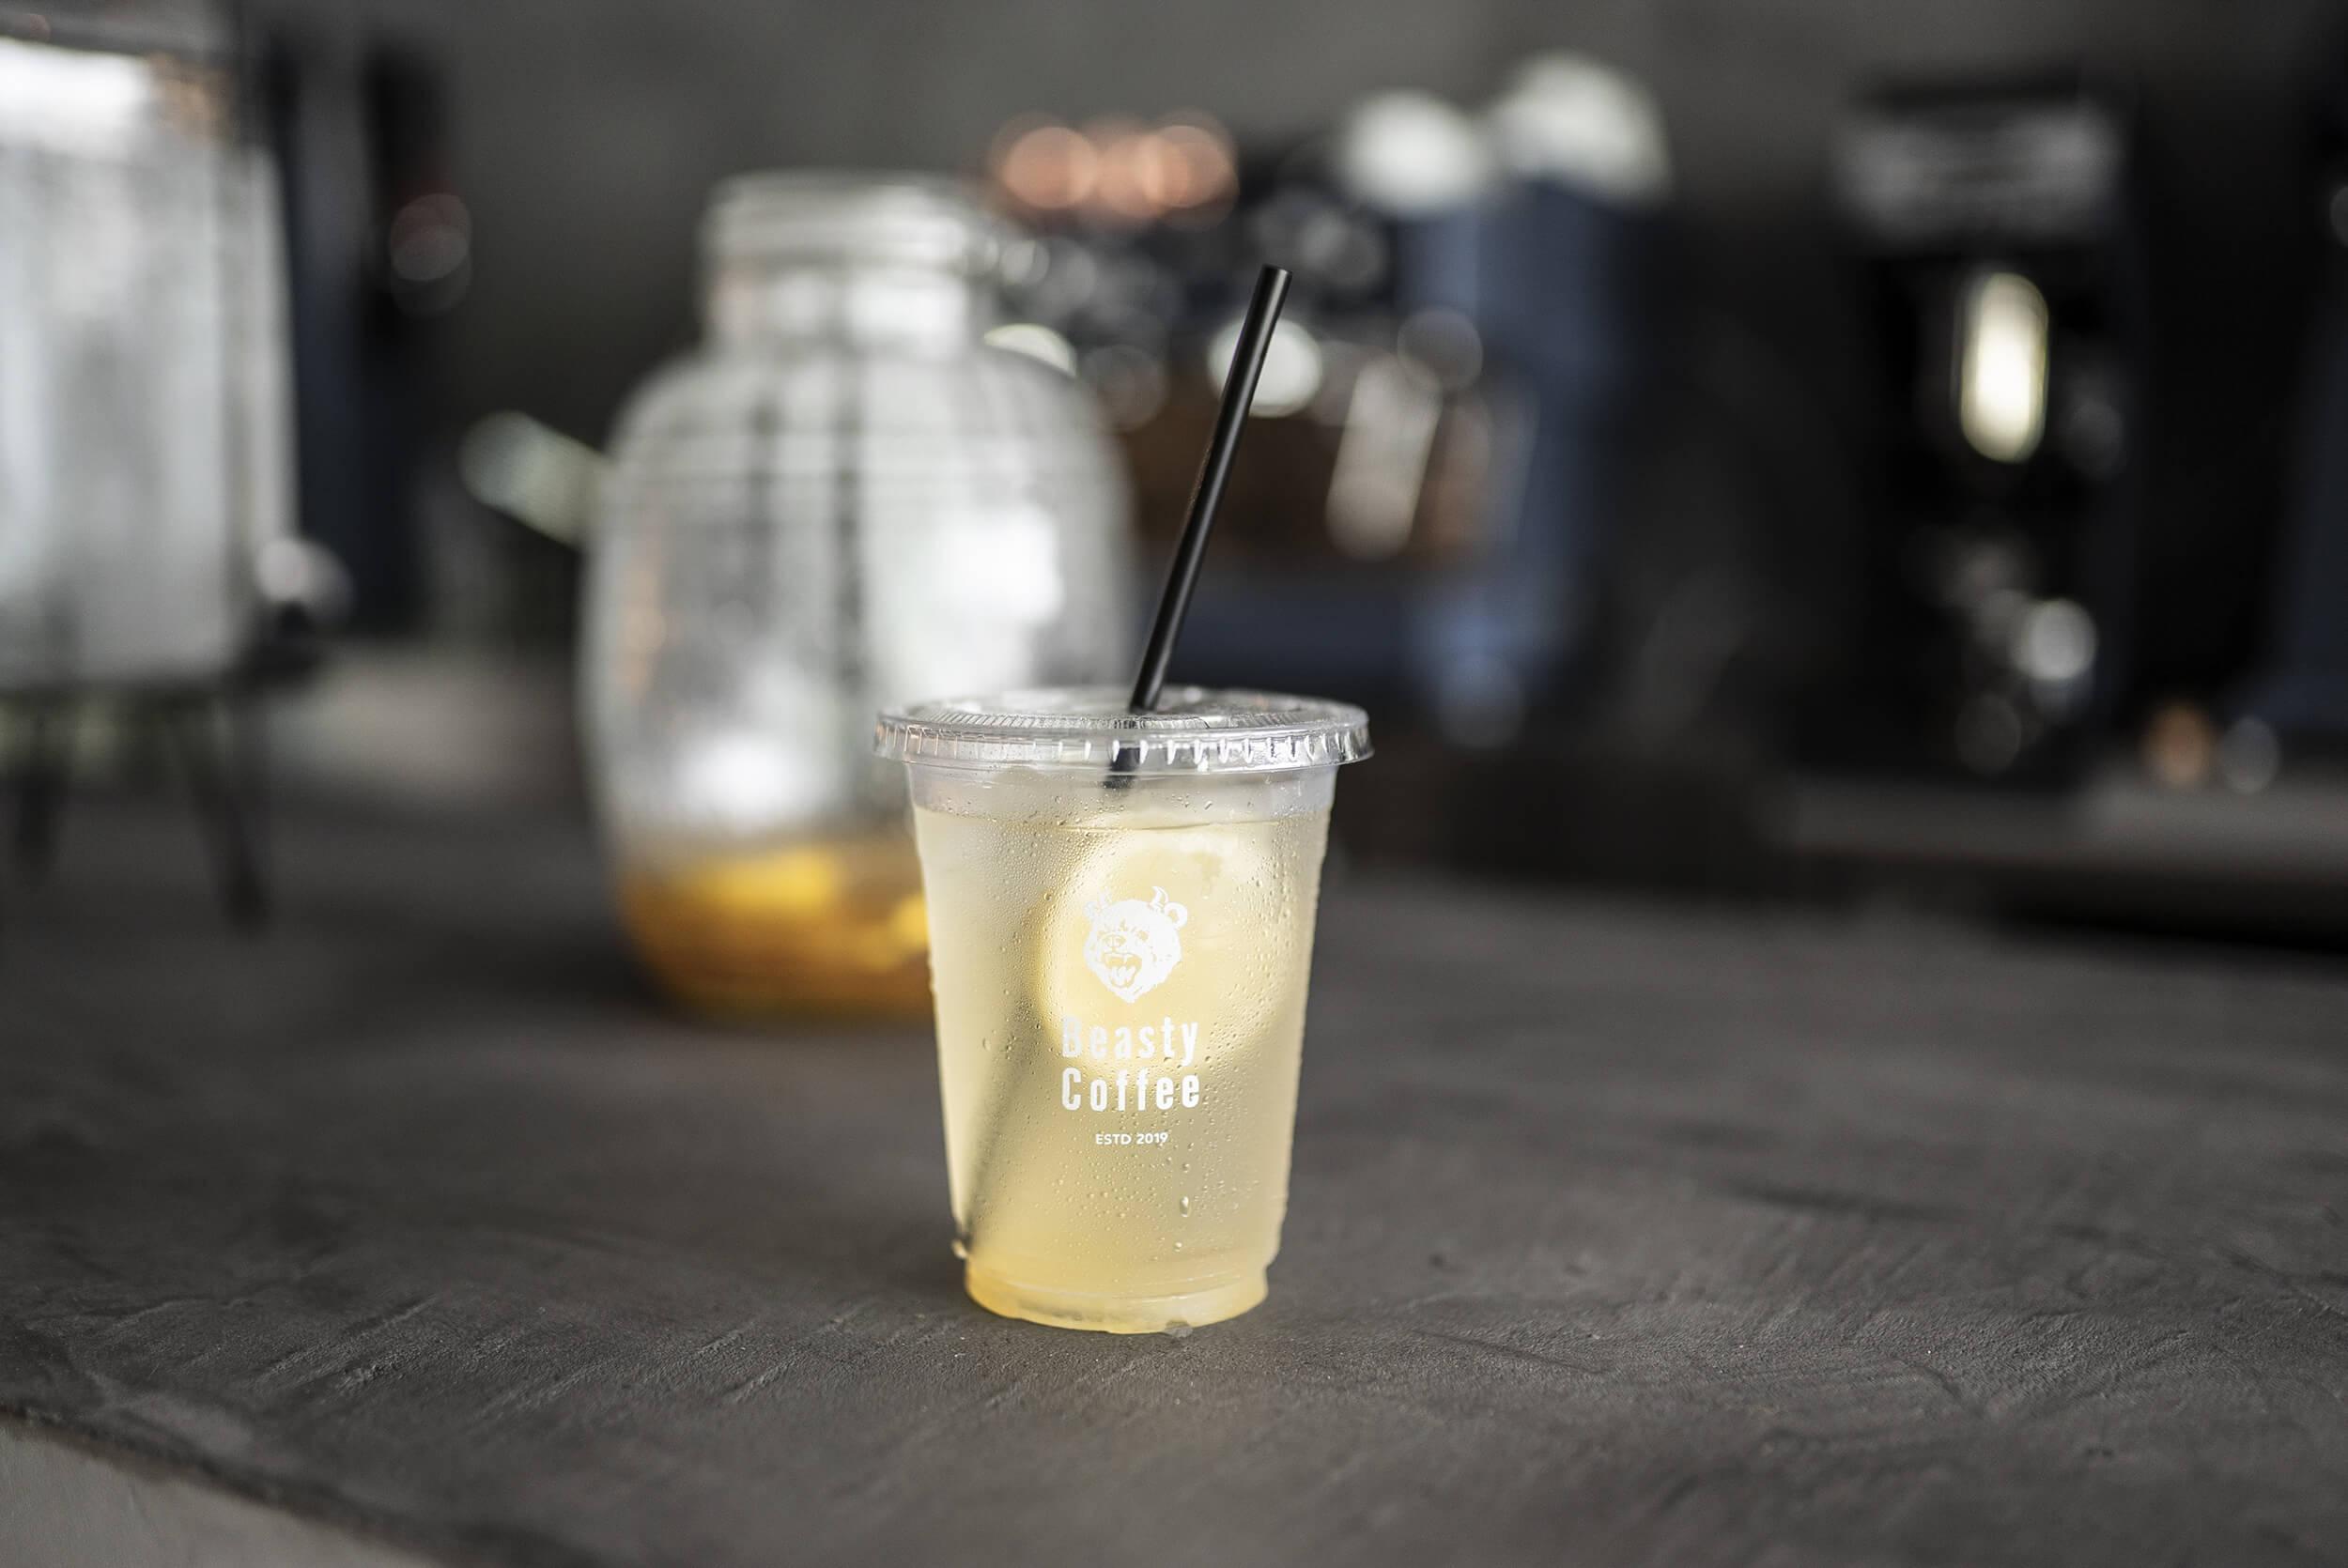 beasty-coffee-cafe-laboratory-%ef%bc%88%e3%83%92%e3%82%99%e3%83%bc%e3%82%b9%e3%83%86%e3%82%a3%e3%83%bc%e3%82%b3%e3%83%bc%e3%83%92%e3%83%bc-%e3%82%ab%e3%83%95%e3%82%a7%e3%83%a9%e3%83%9b%e3%82%99